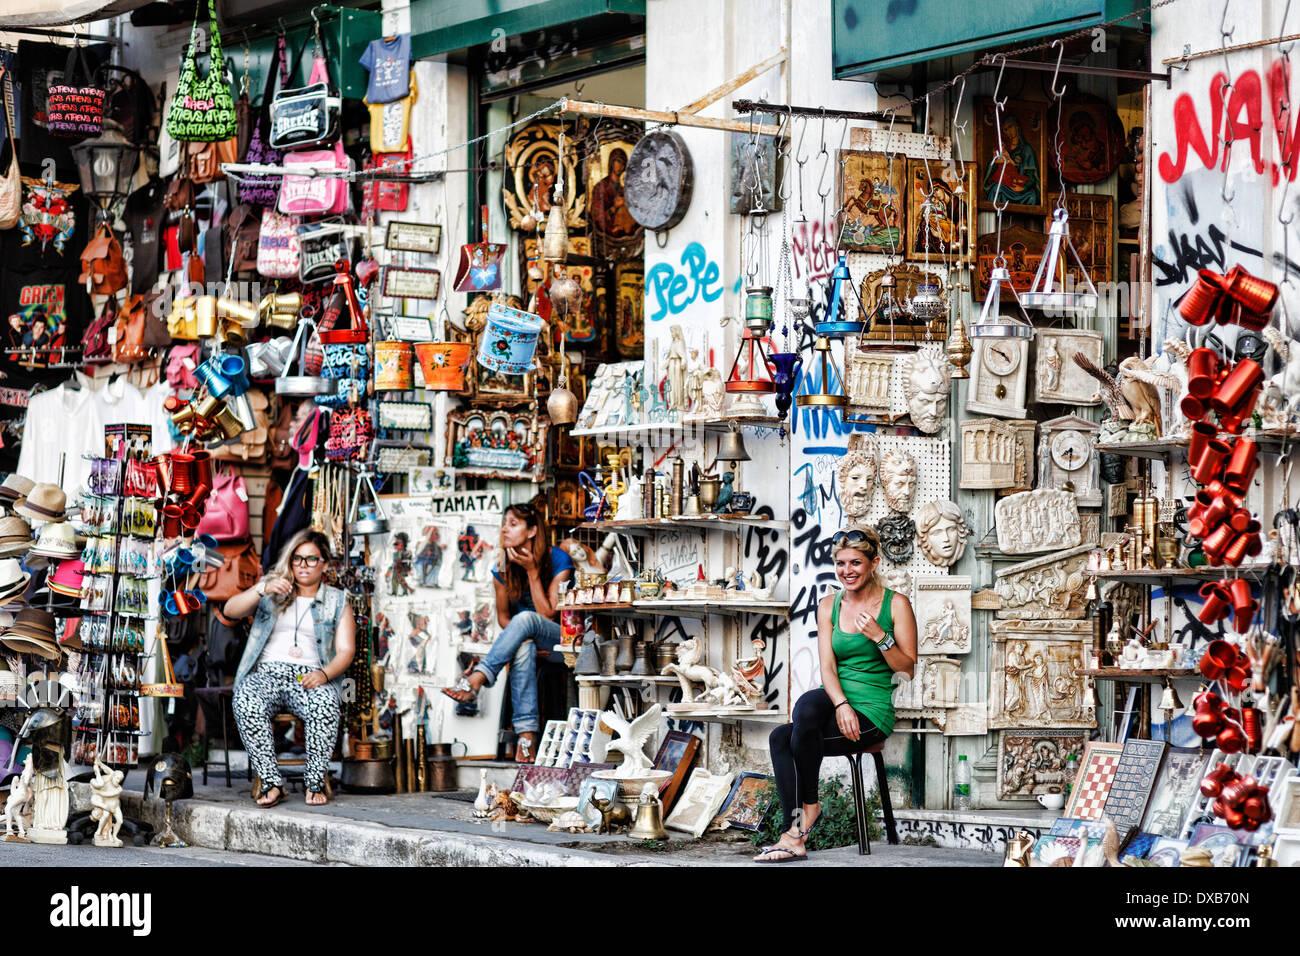 Negozio di souvenir nelle strade di Atene, Grecia Immagini Stock